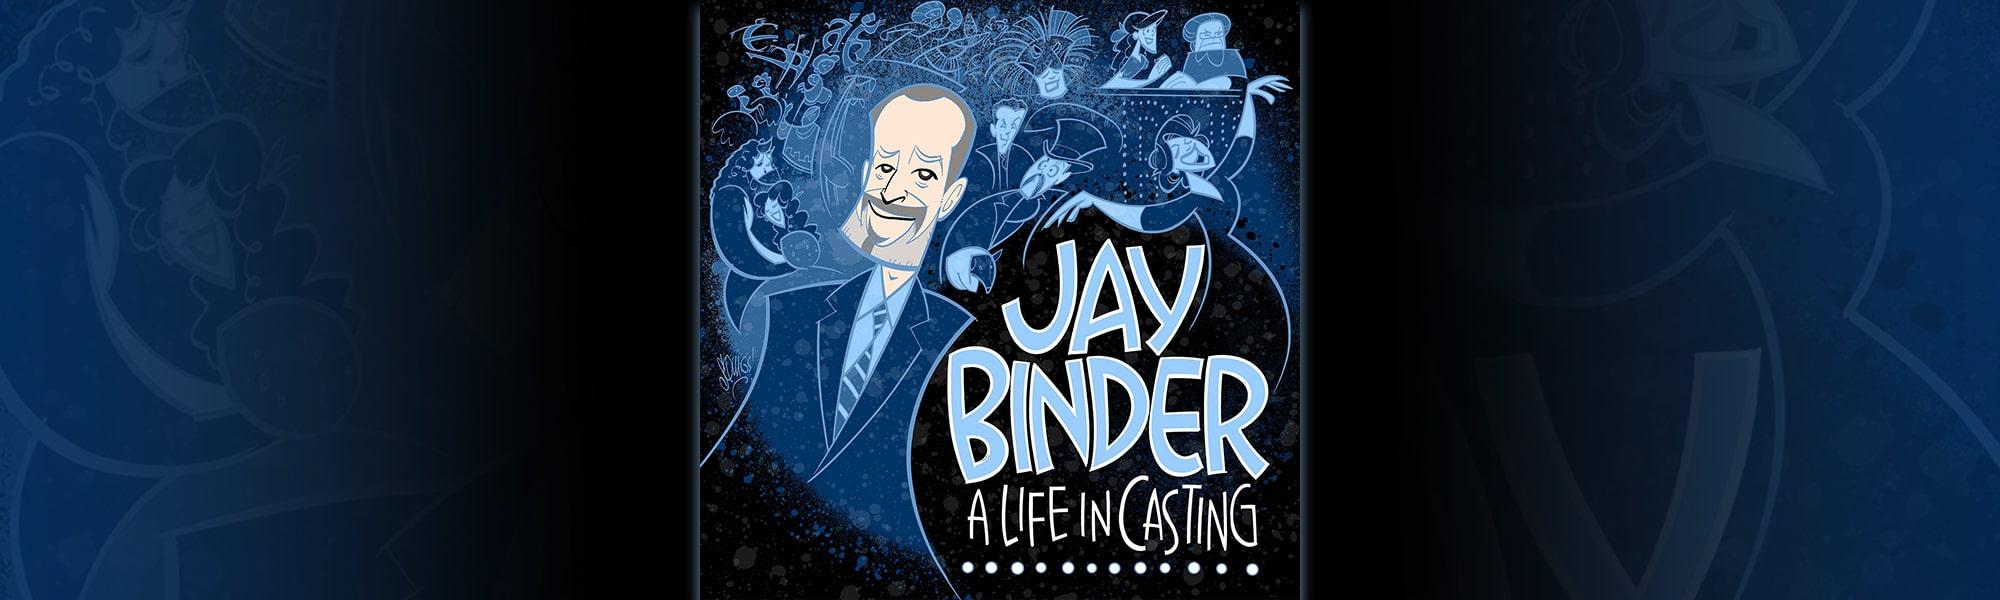 Jay Binder banner